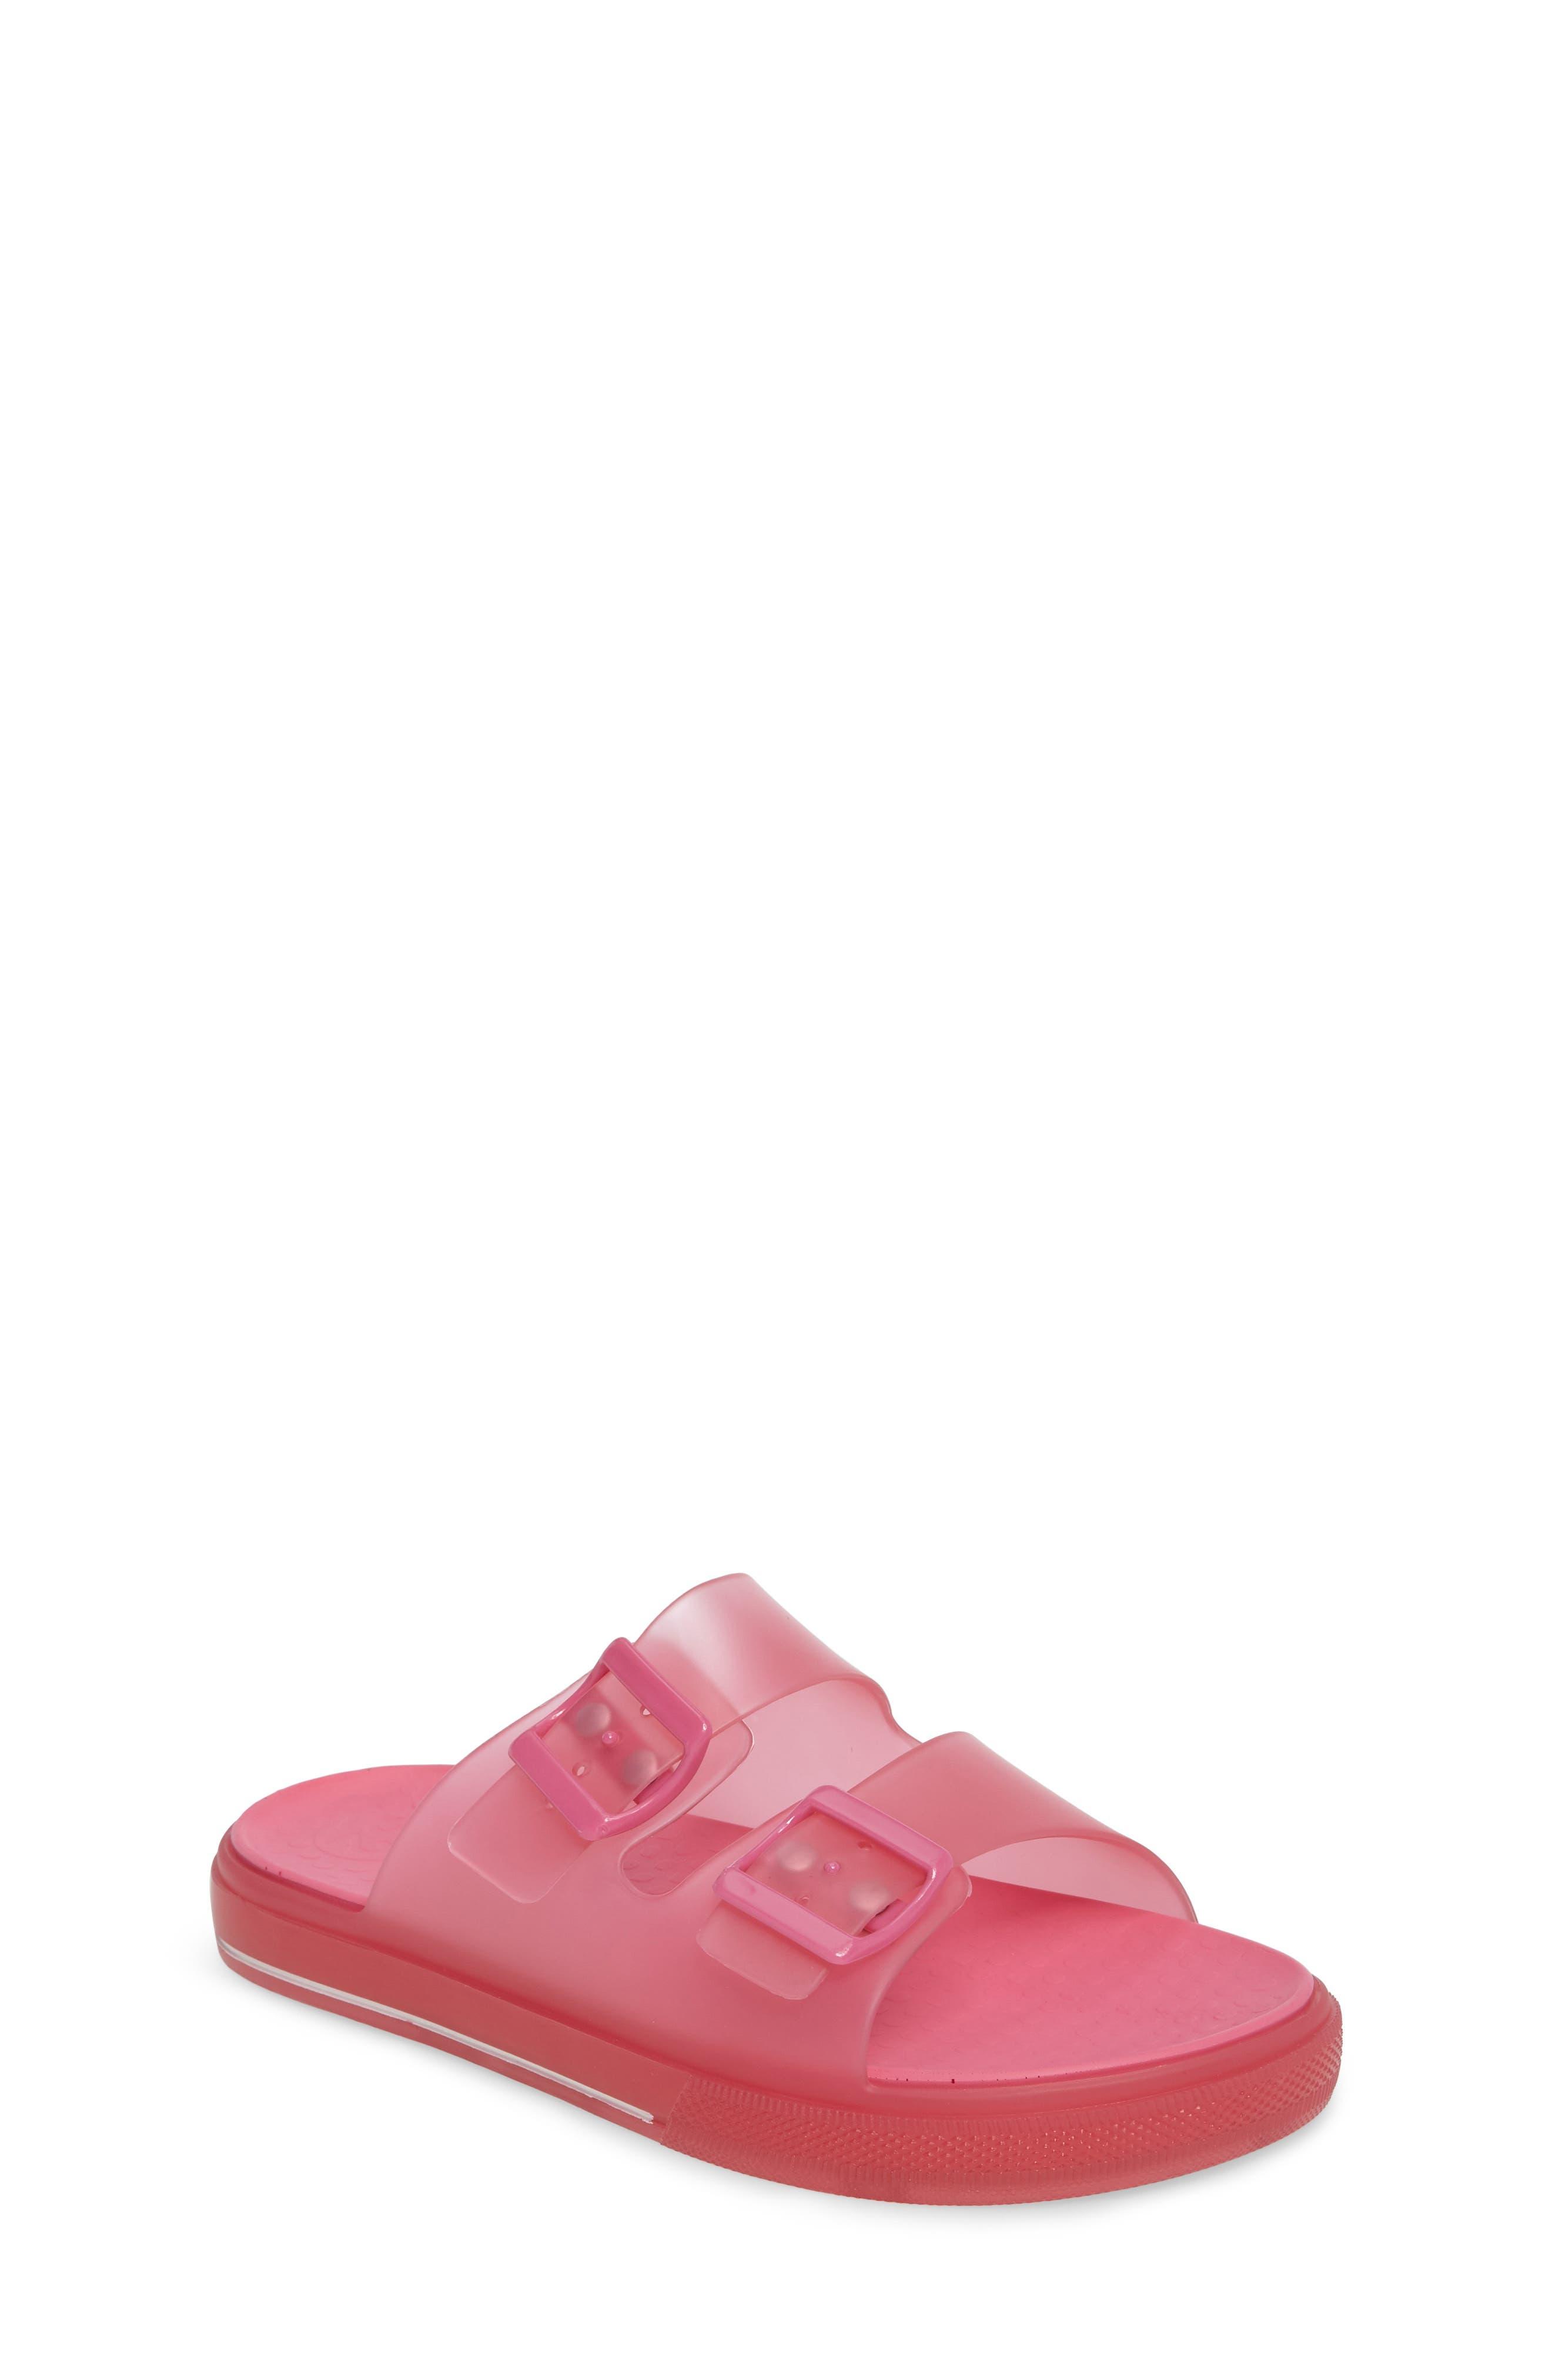 IGOR Maui Slide Sandal